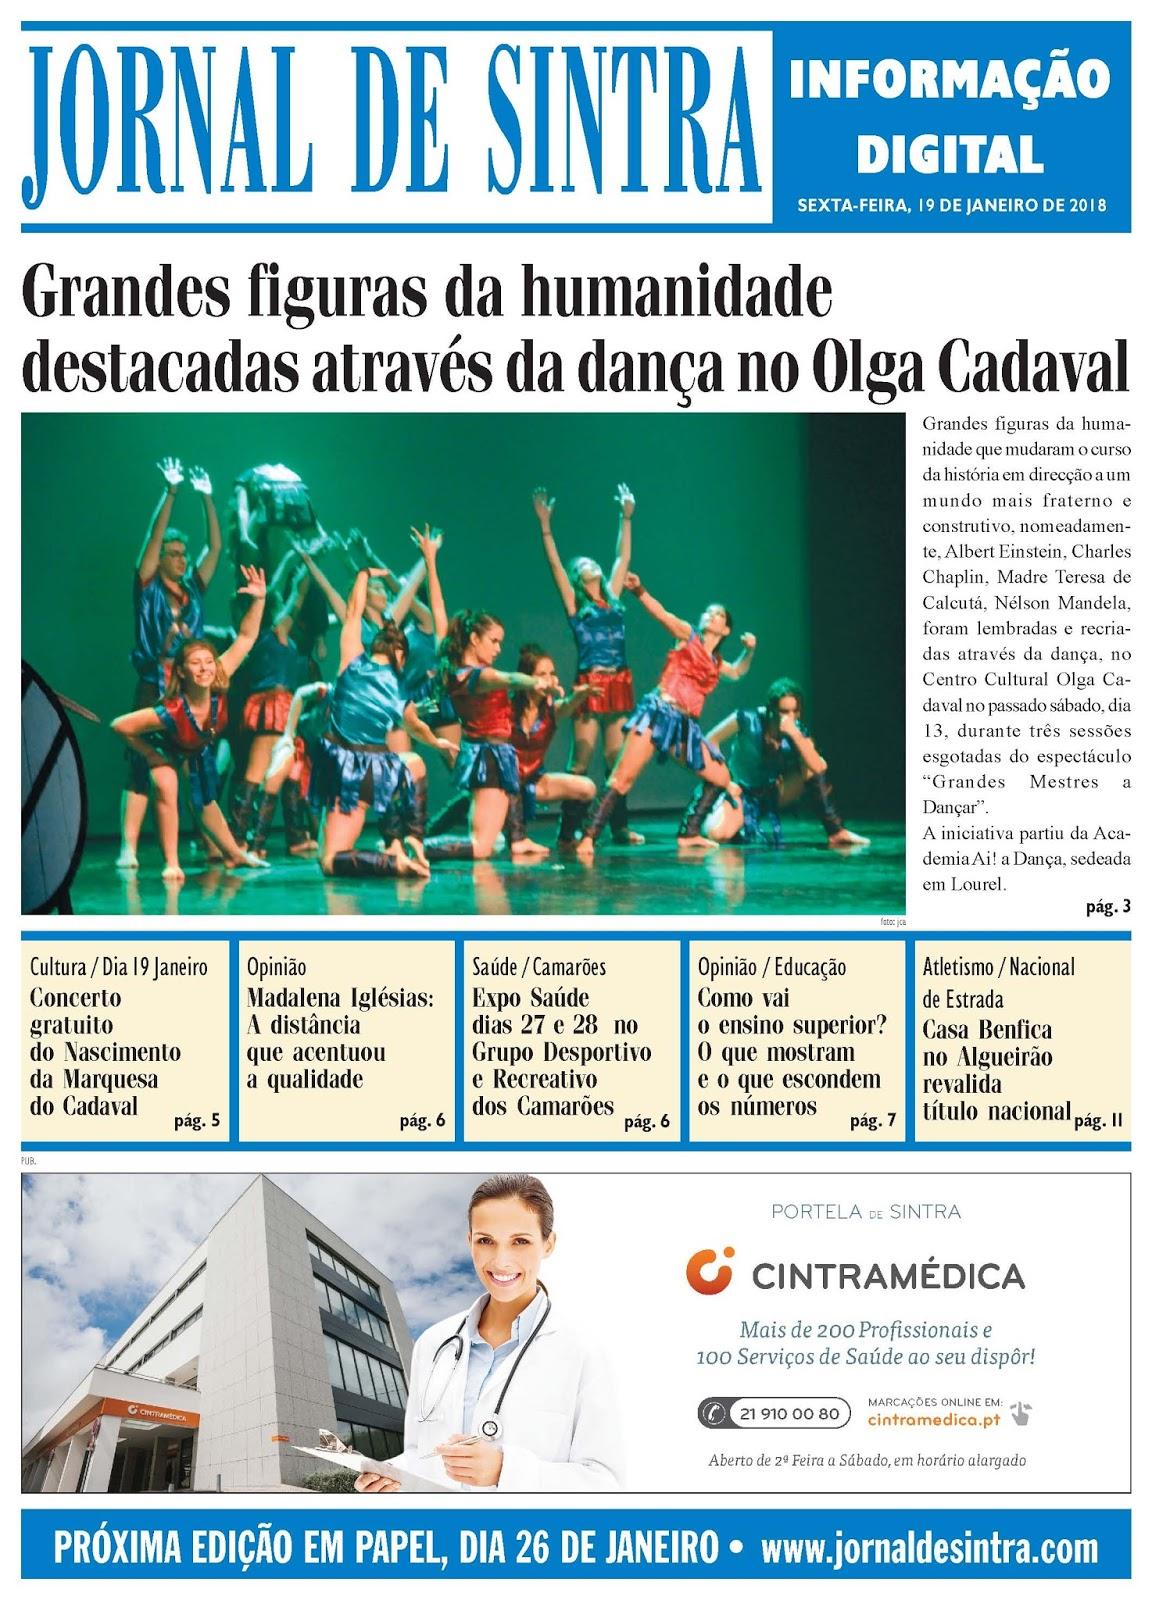 Capa da edição de 19-01-2018